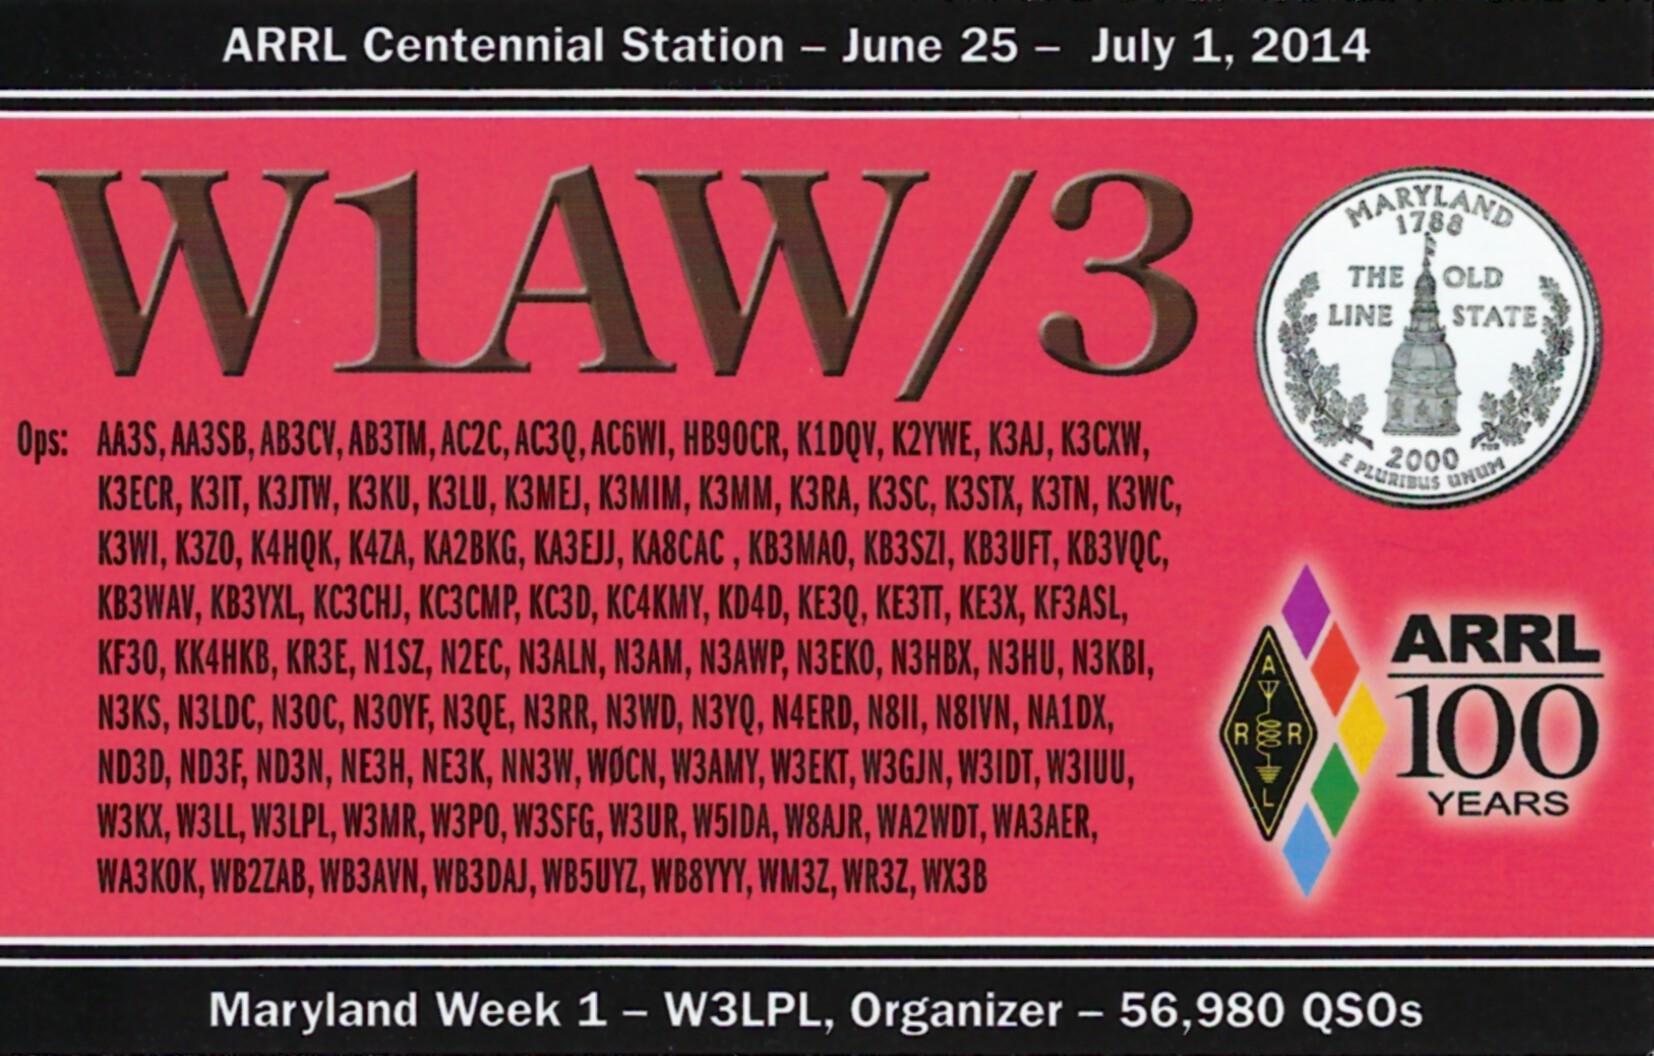 W1AW-3 MD